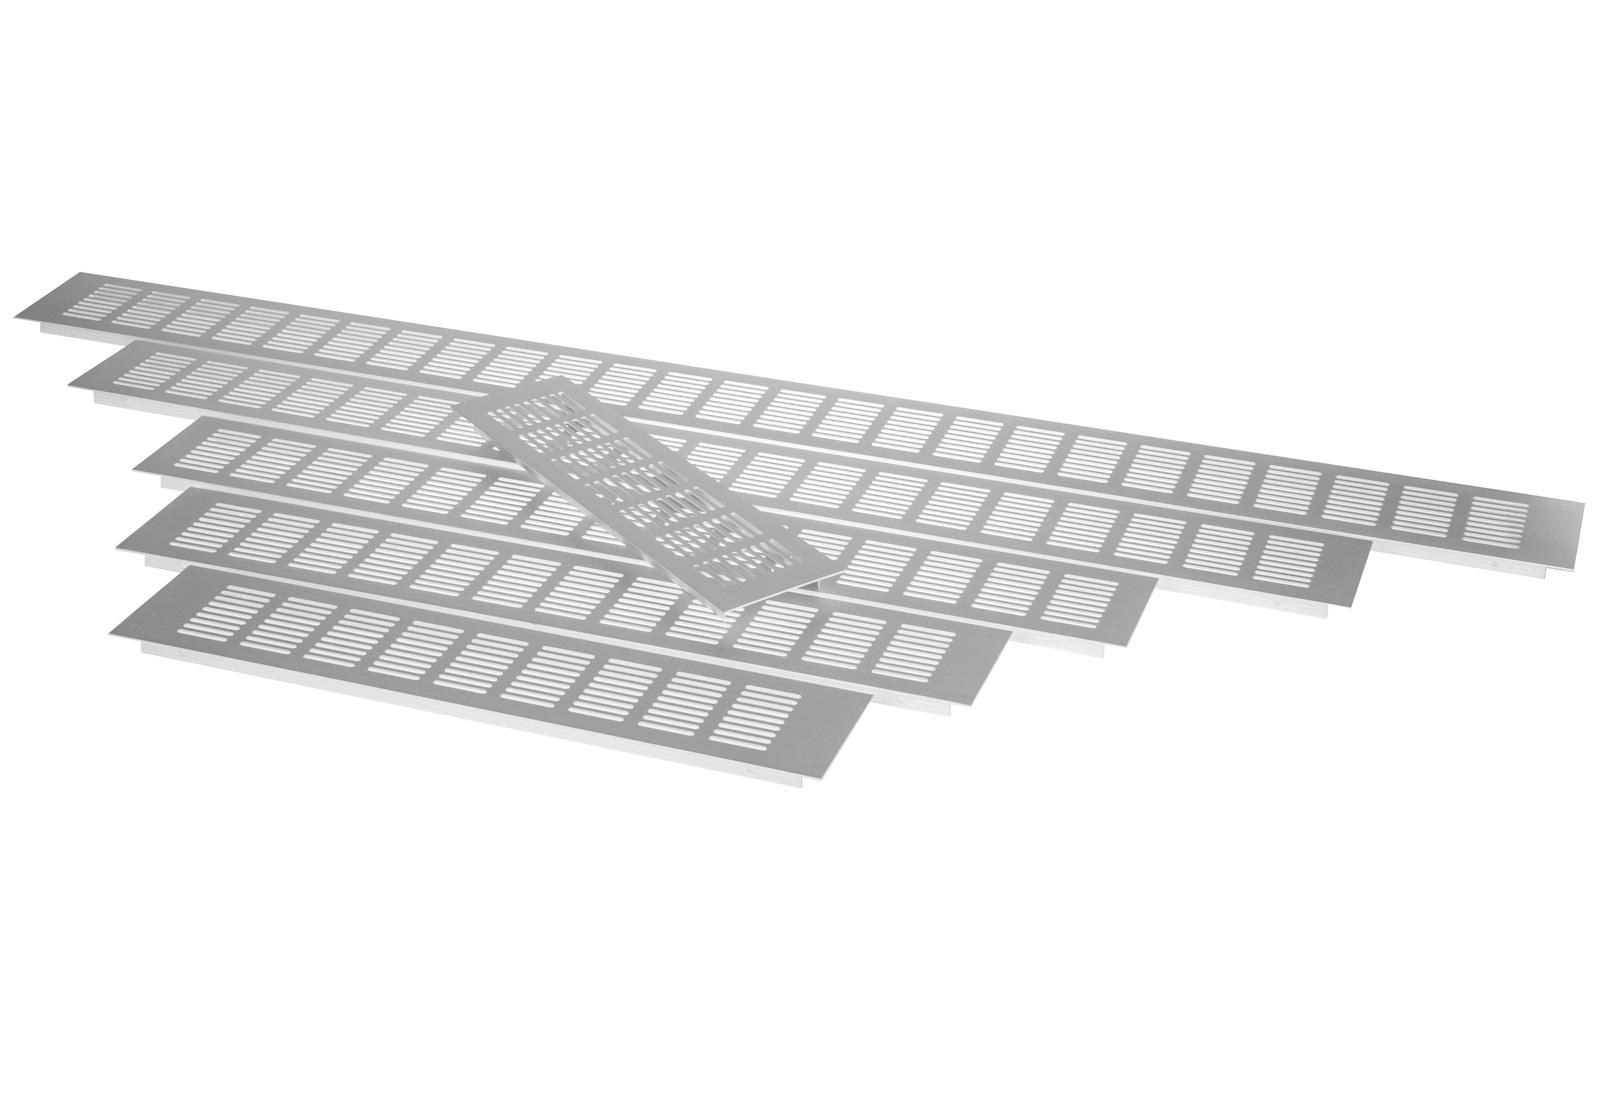 Lüftungsgitter Lochblech 225x80 mm Aluminium Stegblech Heizkörper-Gitter Zuluft